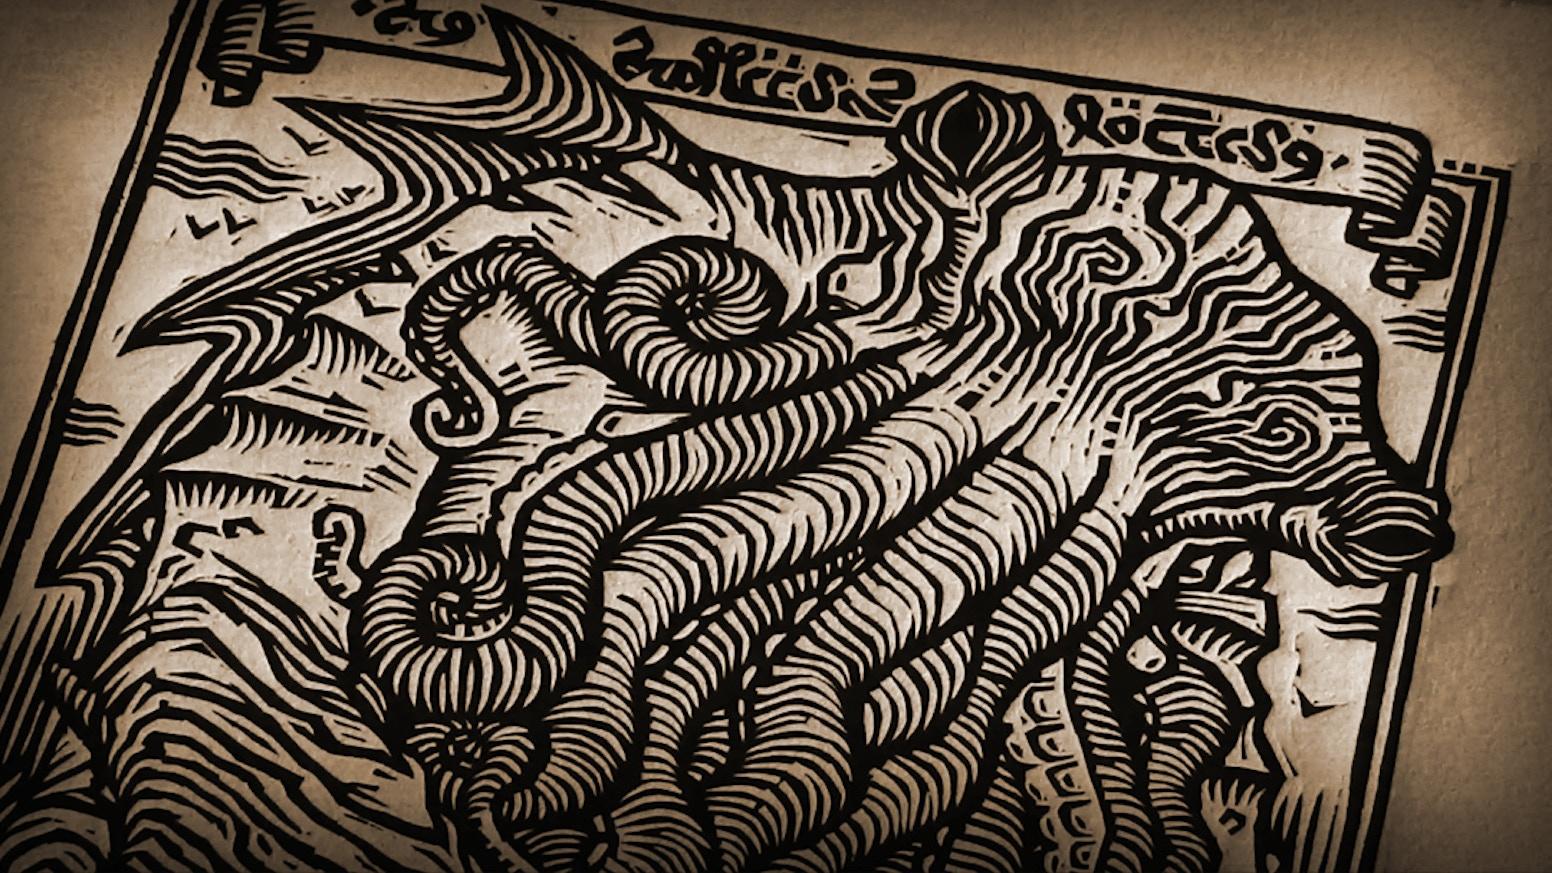 Colección de grabados. Las visiones de un Monje Loco. Cthulhu. Medieval. Engraving collection. The visions of a Mad Monk.